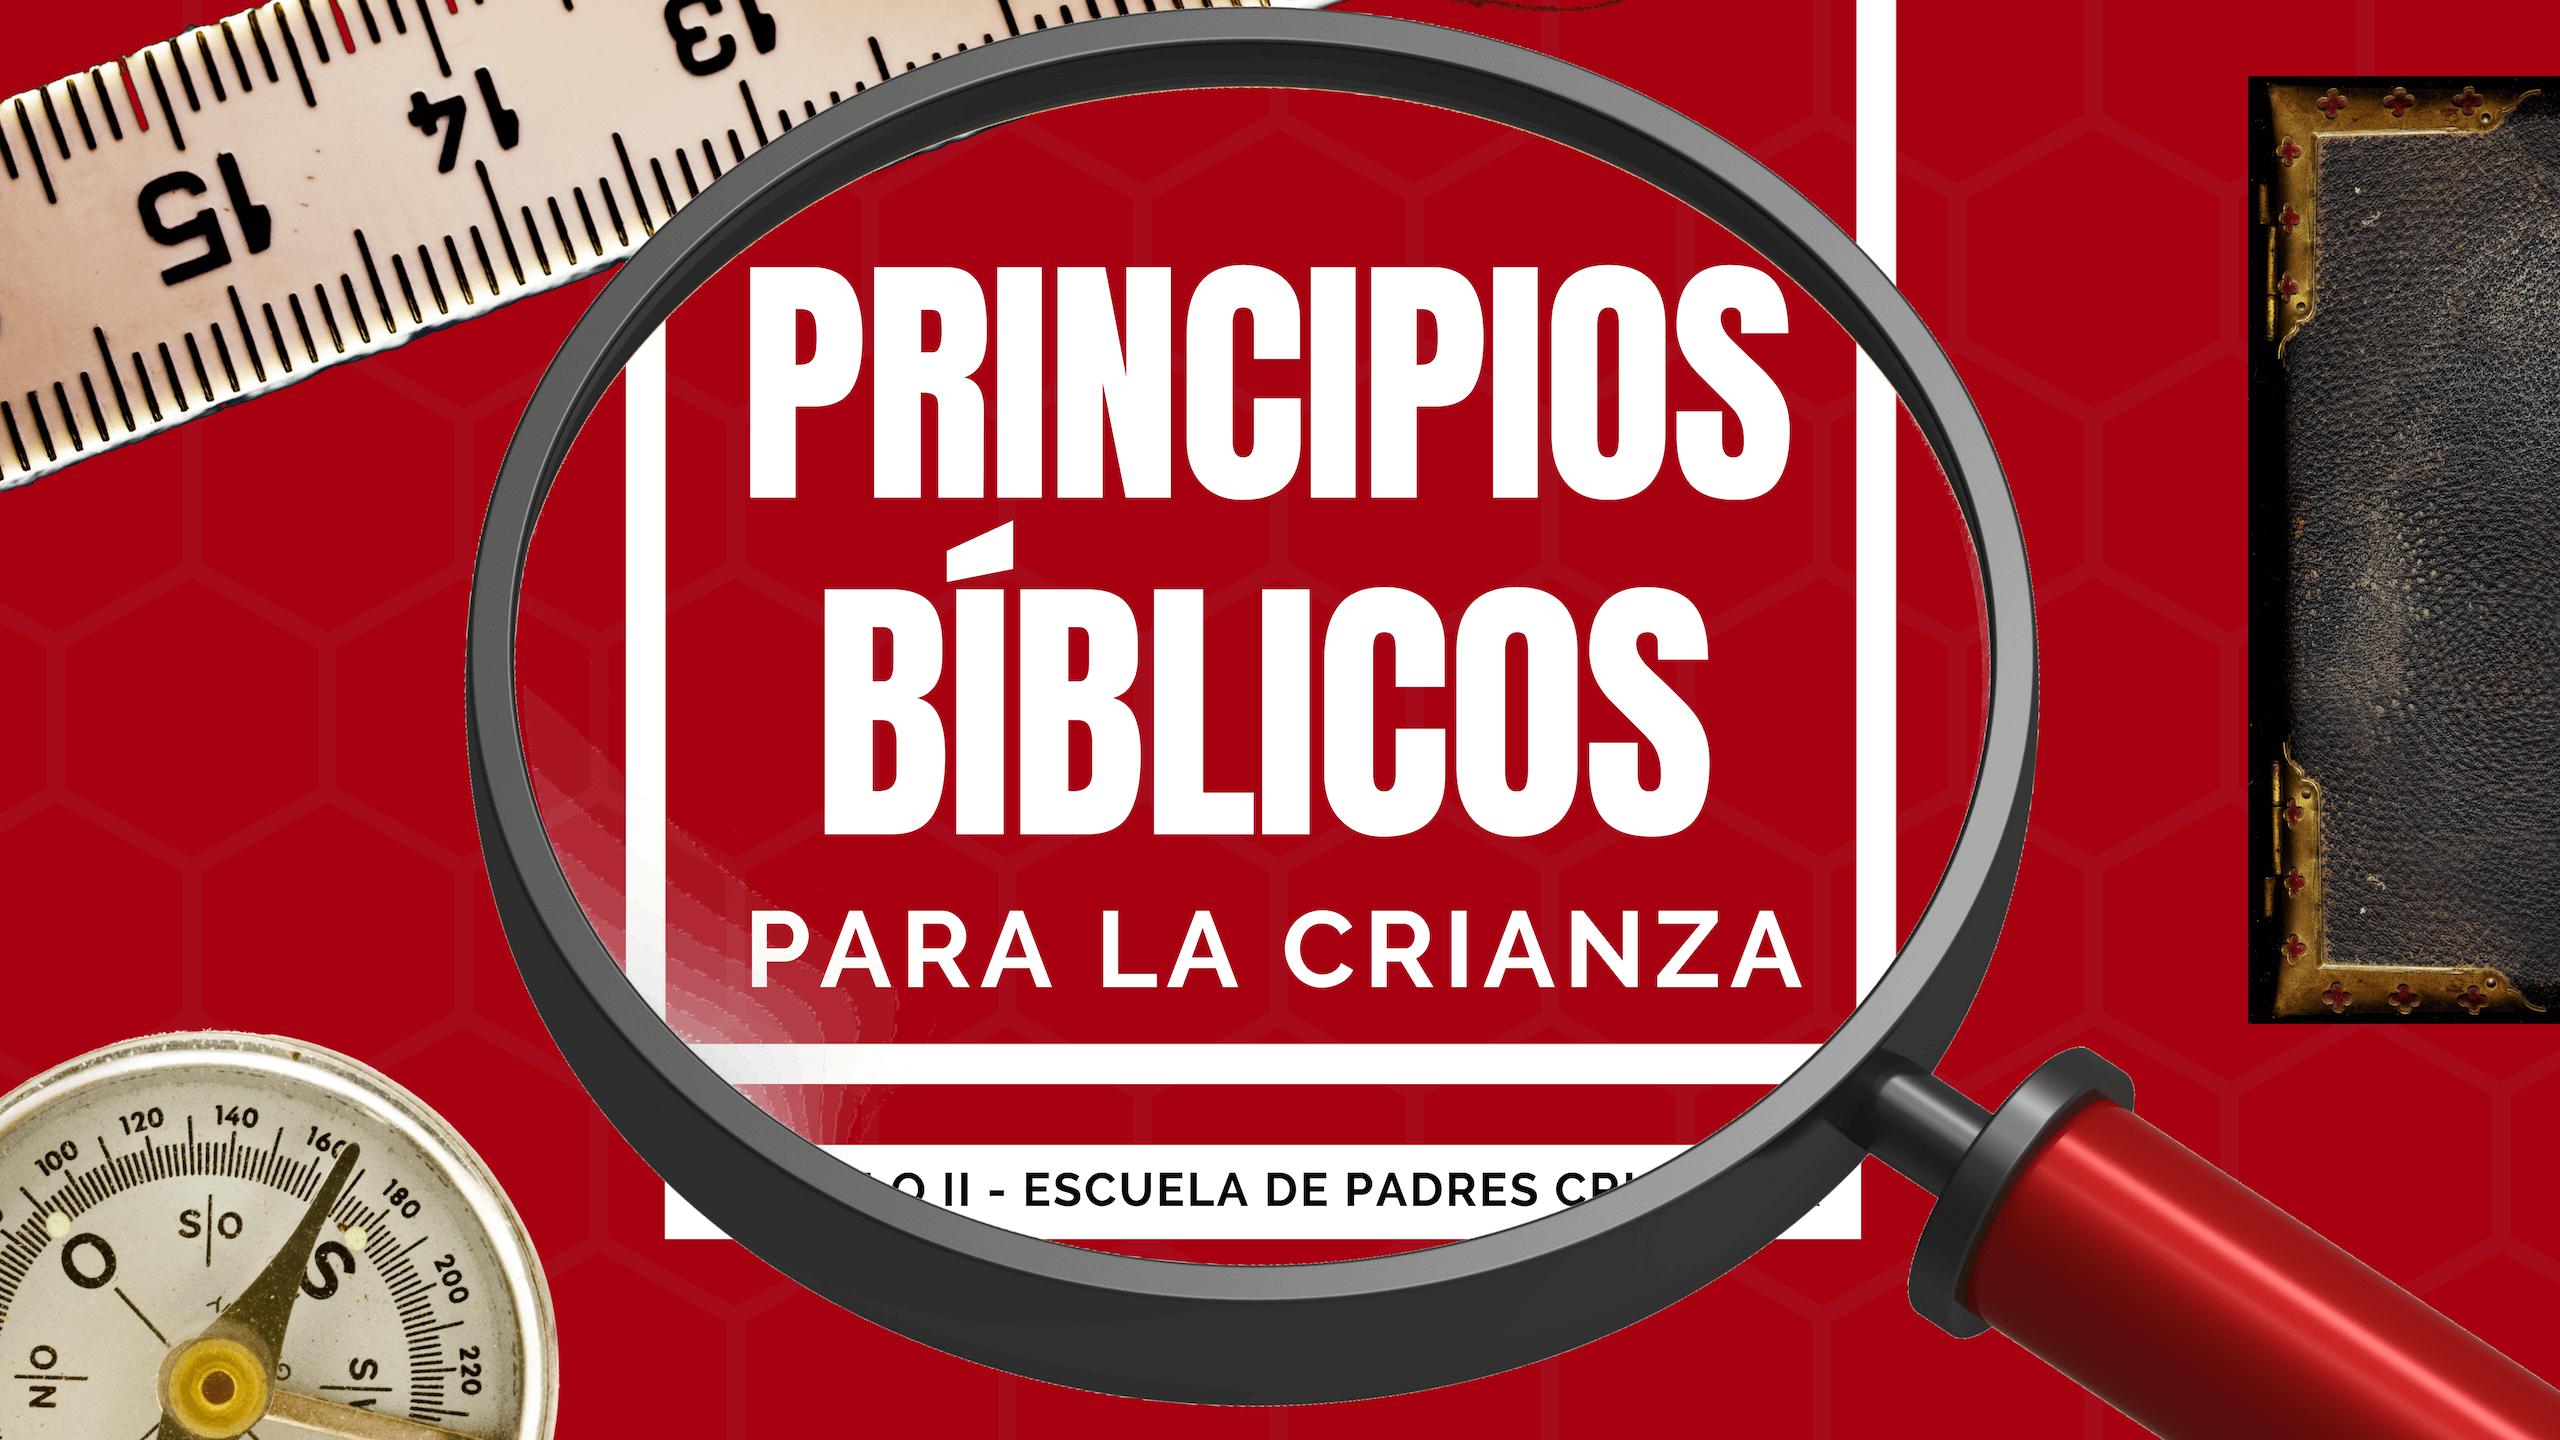 EDP_Banners_Módulo 2(1)_Los principios bíblicos para la crianza